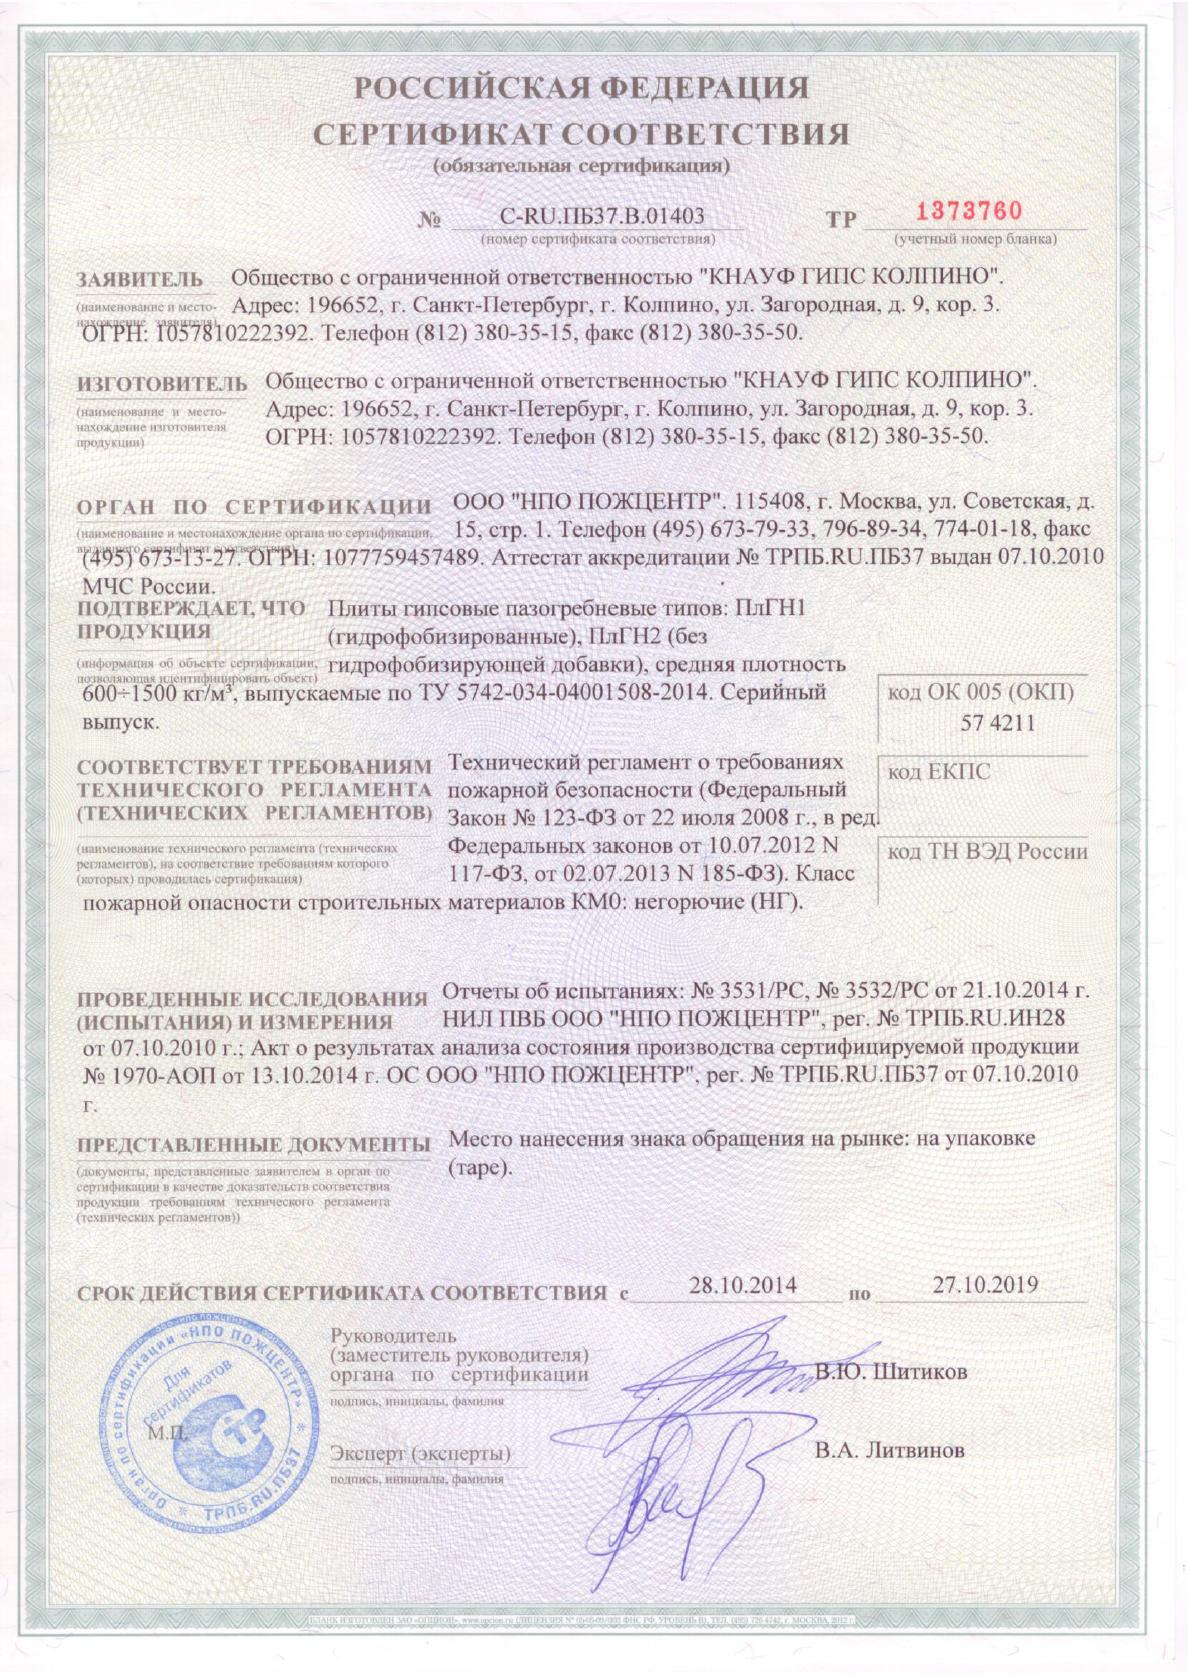 Клей фасадный влагостойкий люкс ведро сертификат сертификация оборудования пластиковые фасадные панели